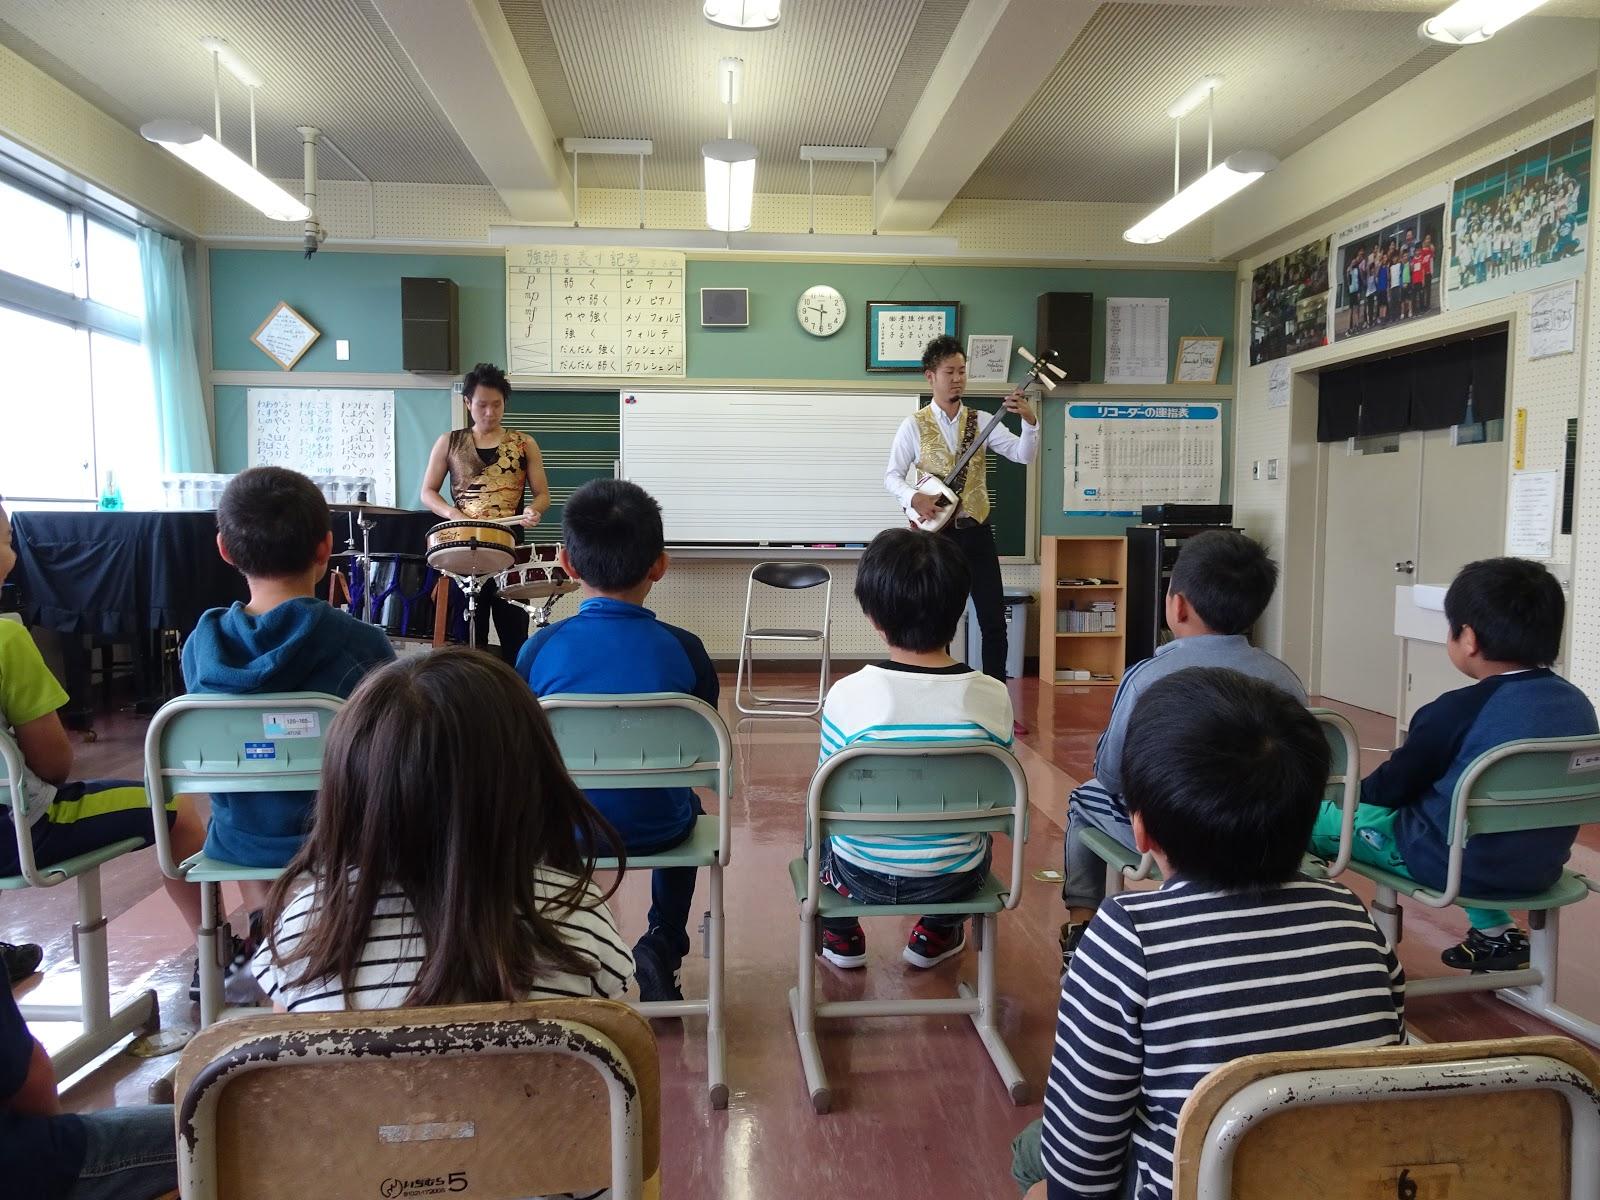 大津小学校公式ブログ: 9月 2018